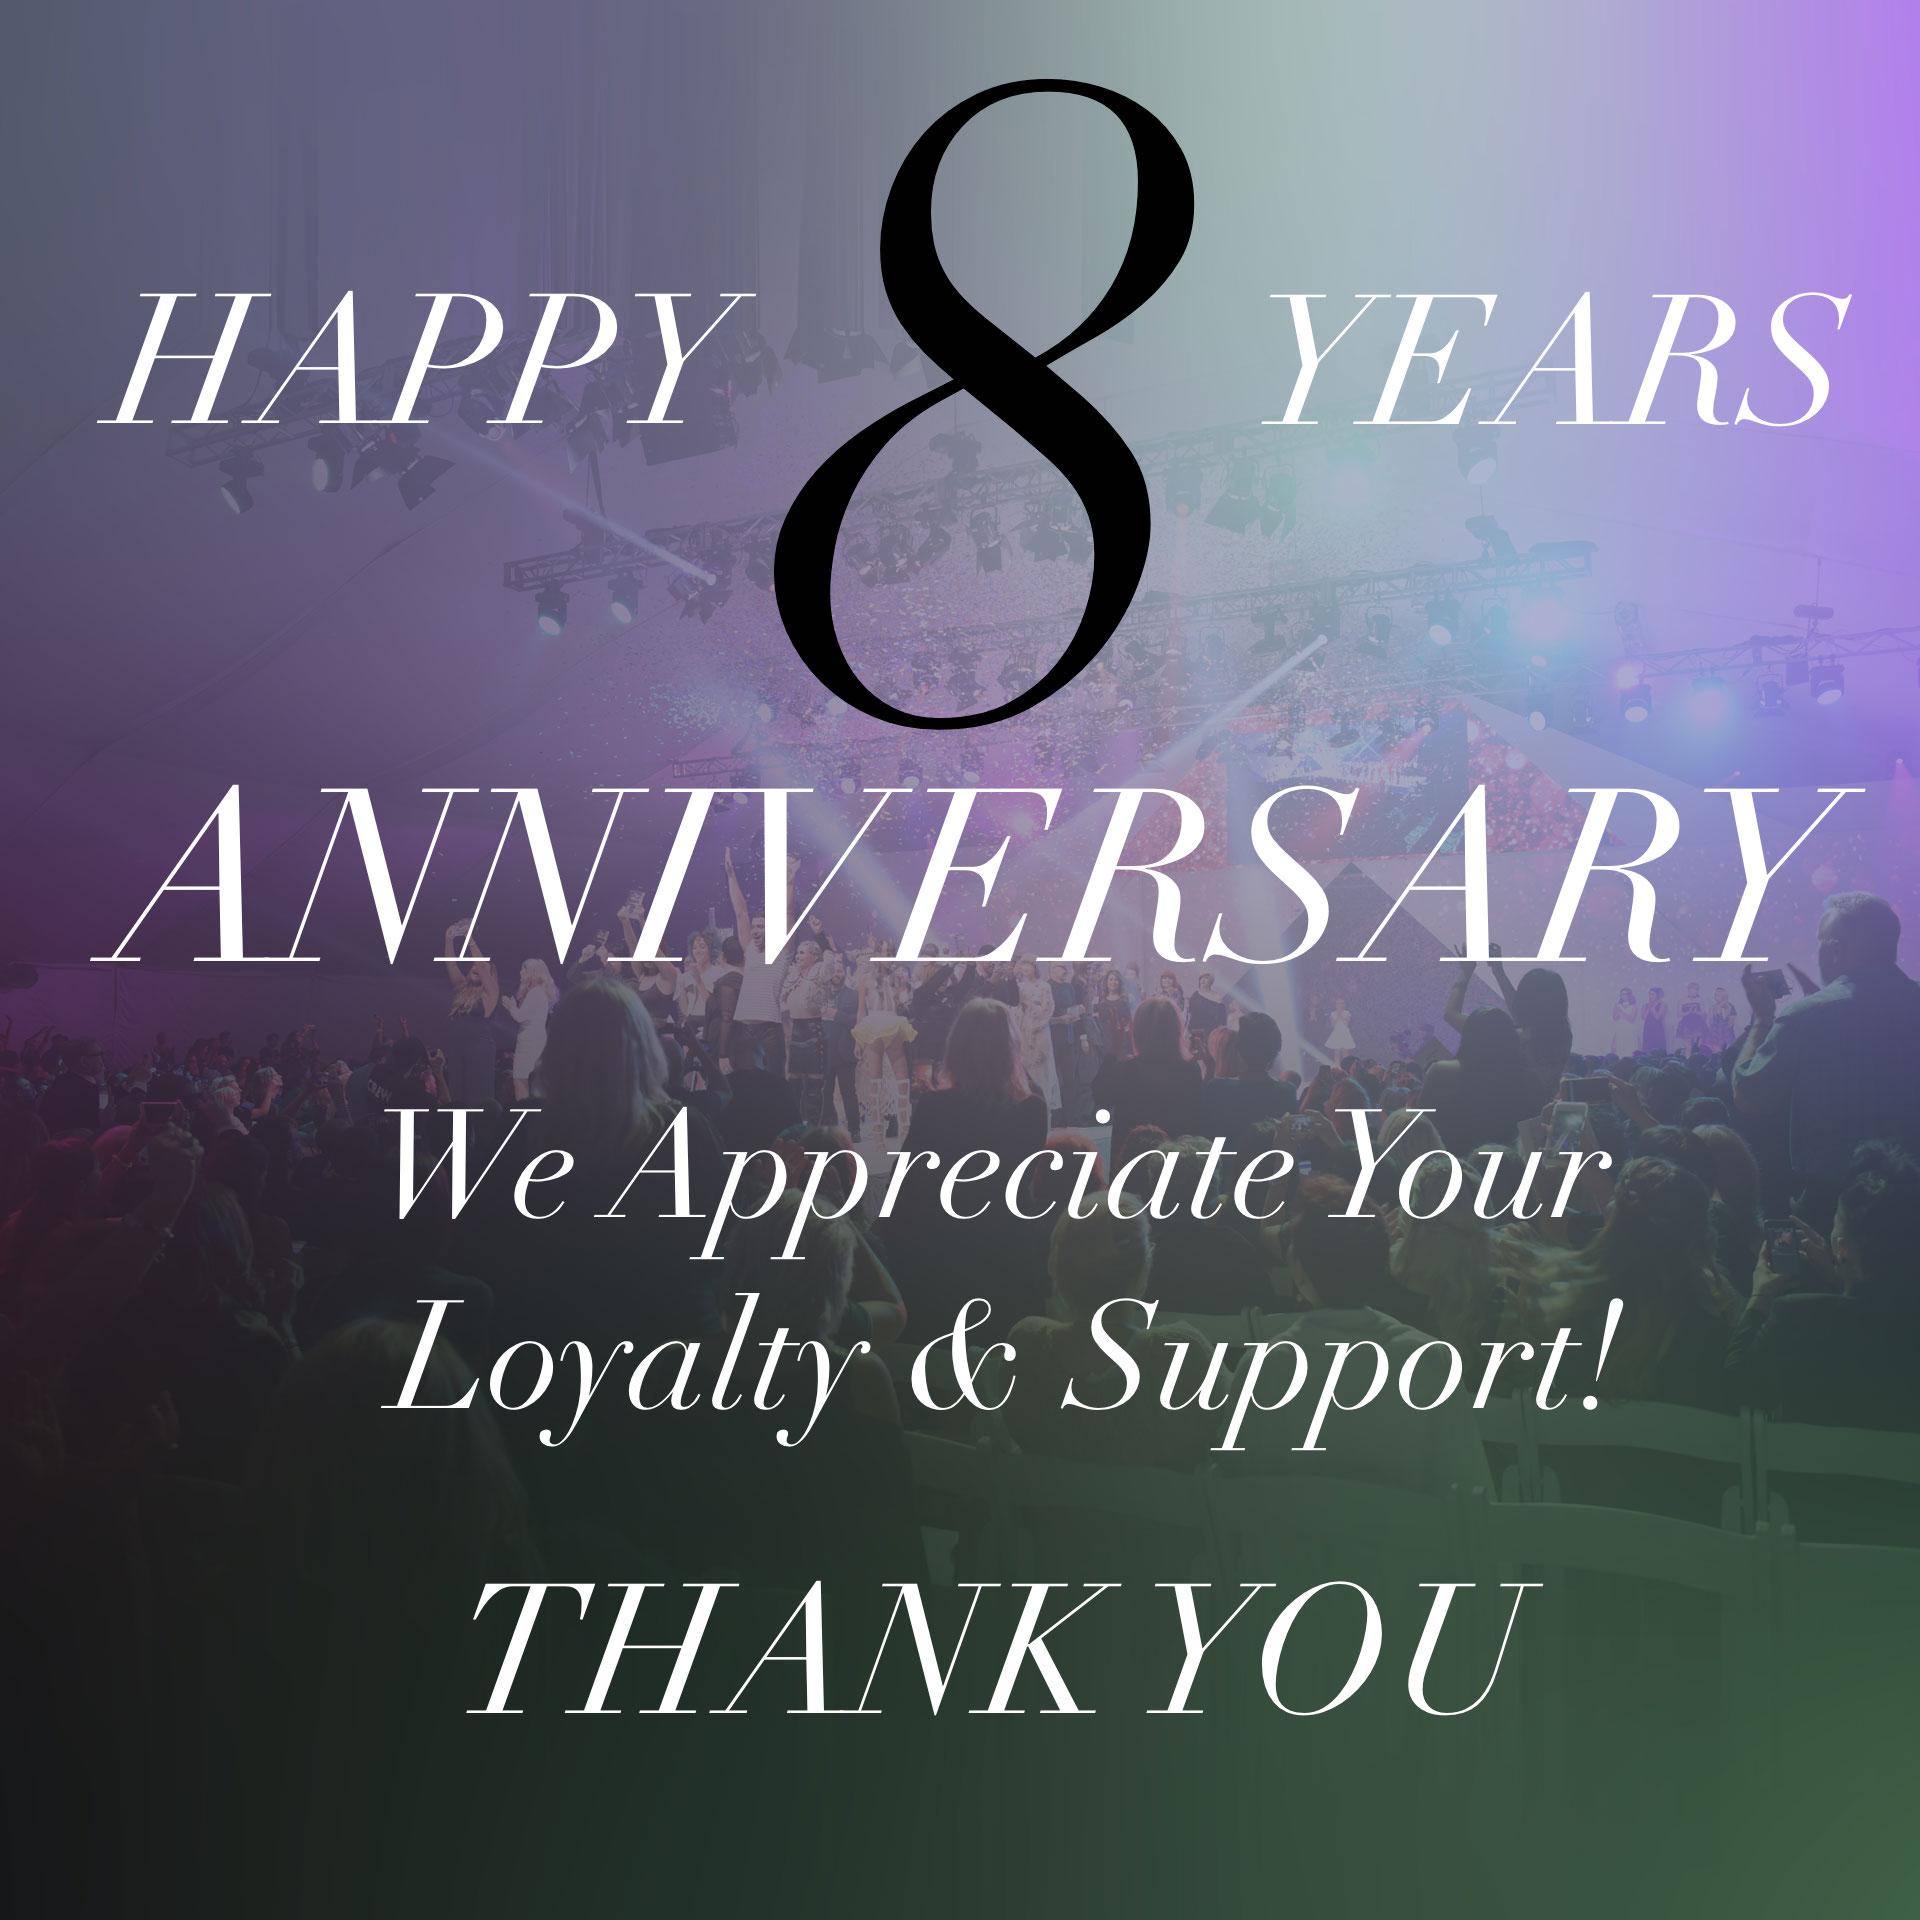 AALAM Celebrates 8 Years Anniversary